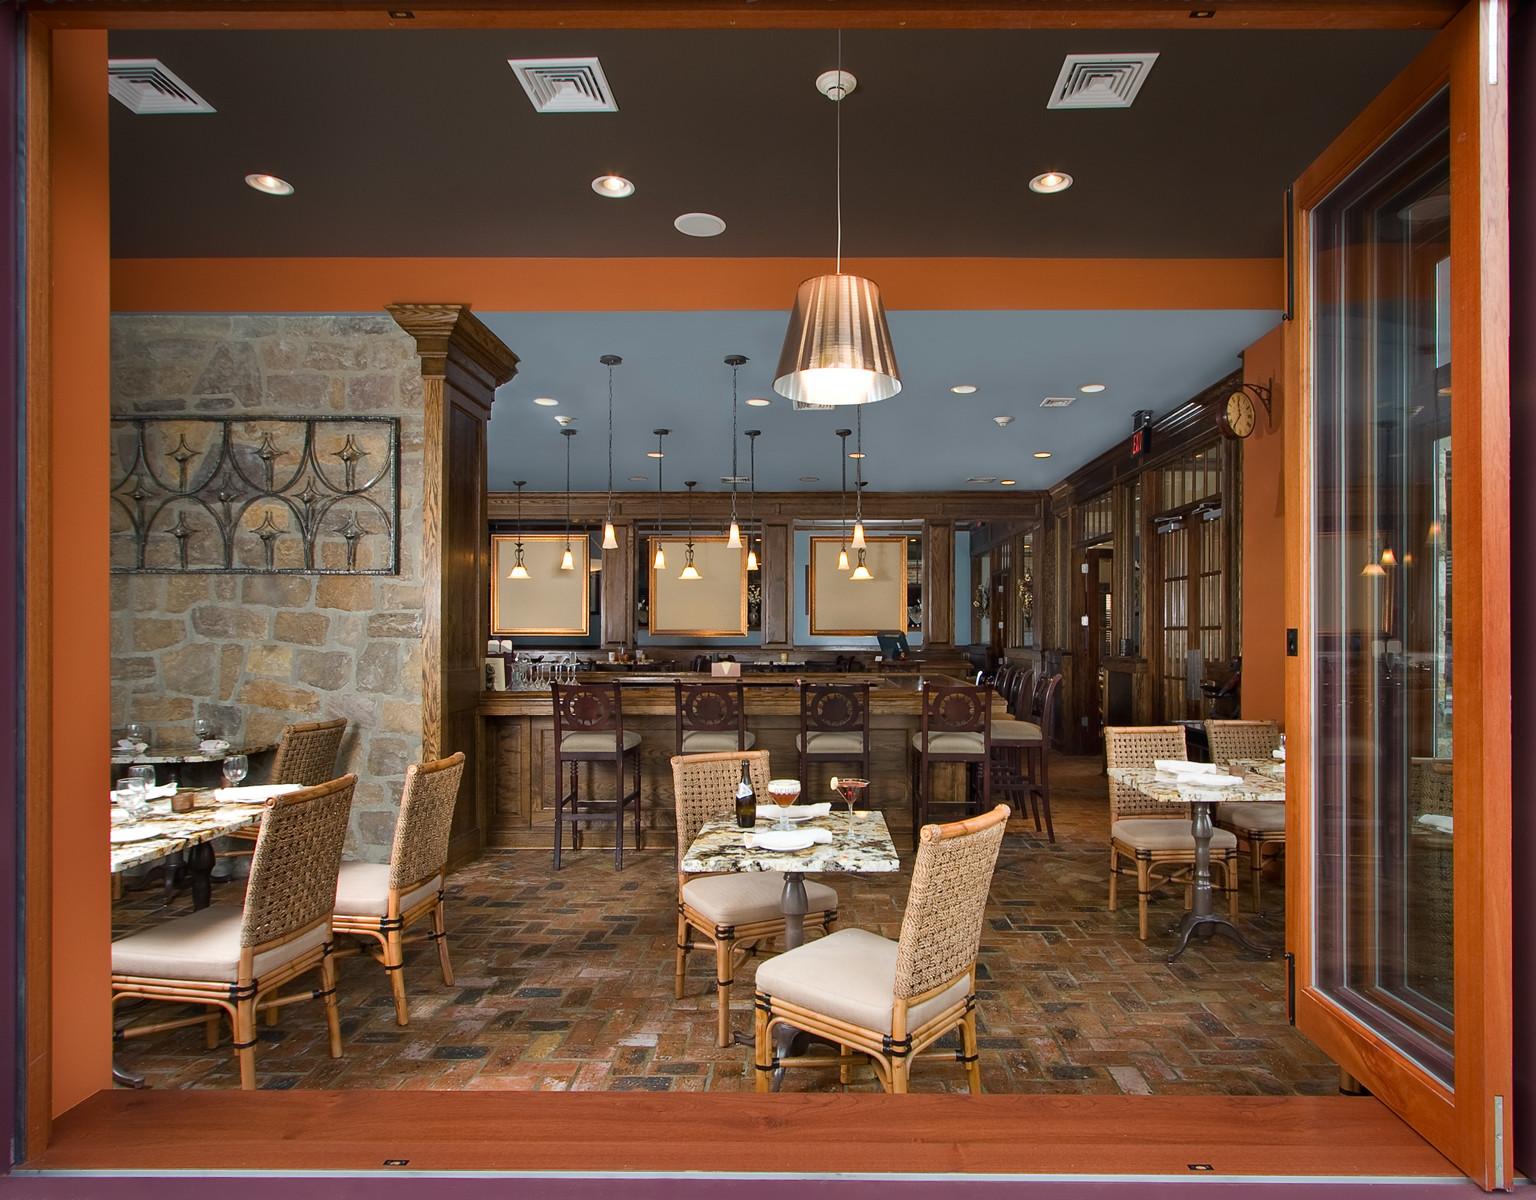 Bridget's Steakhouse, Ambler PA